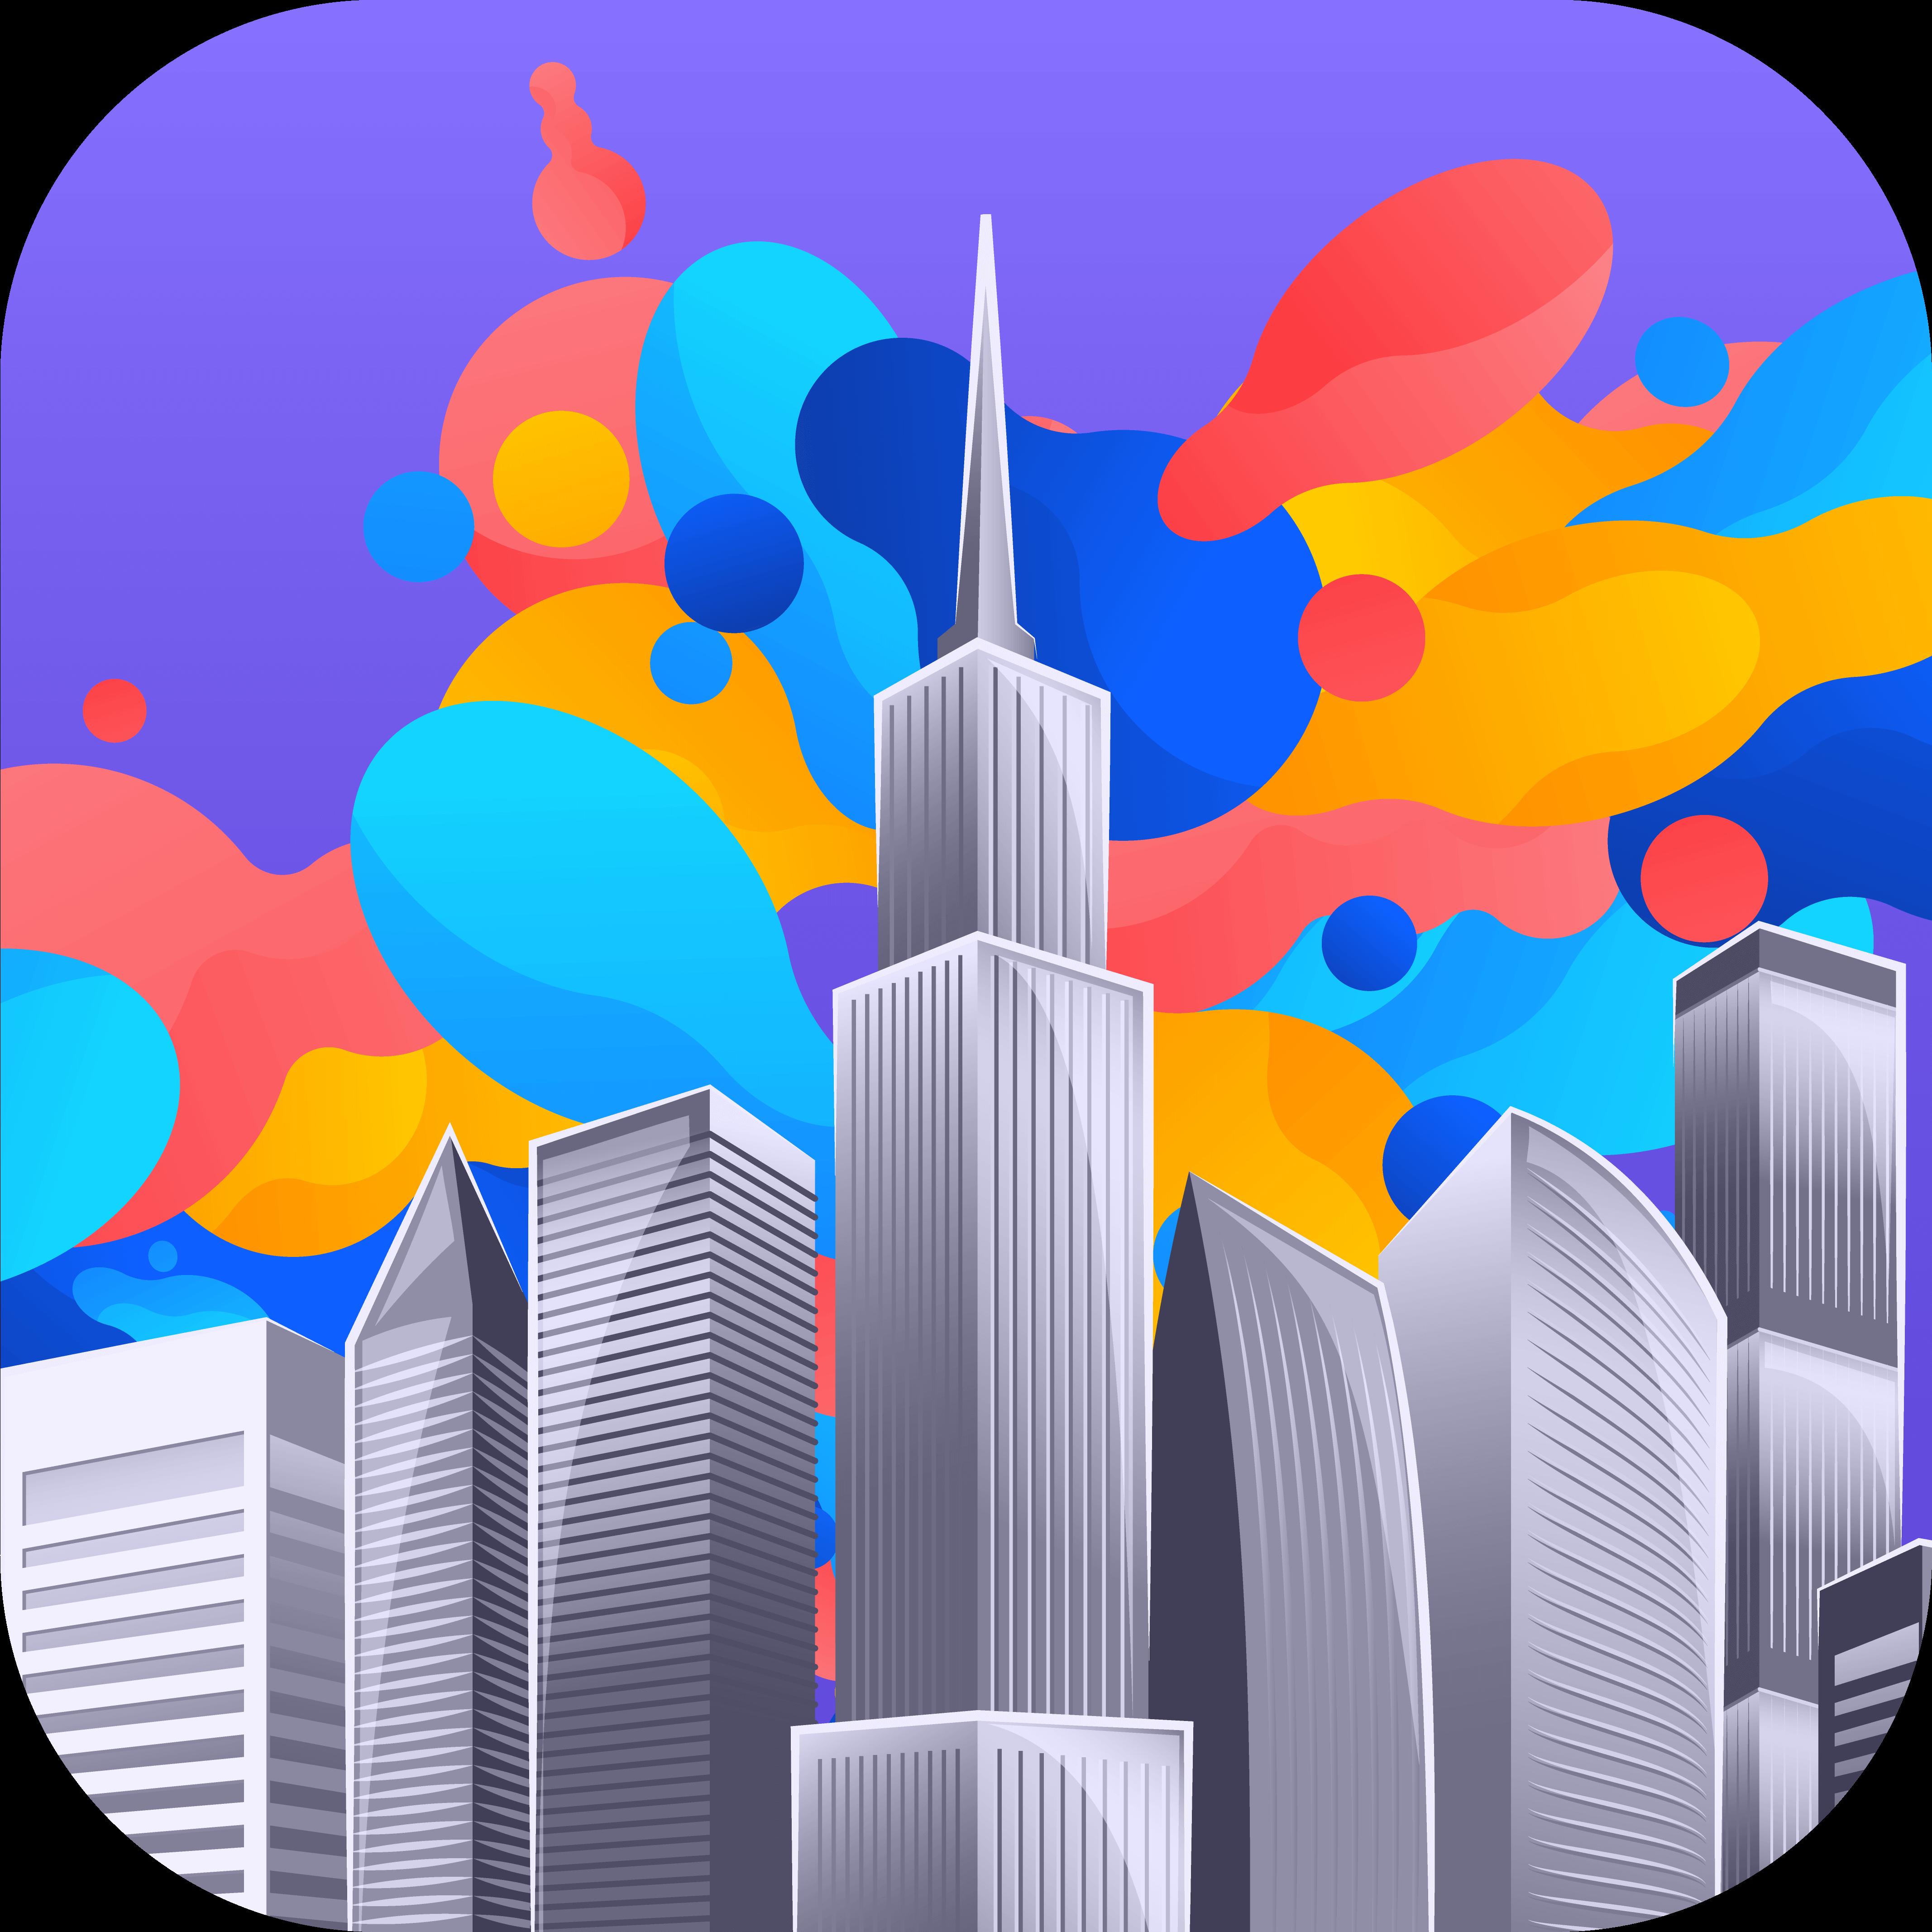 Moresocial NYC